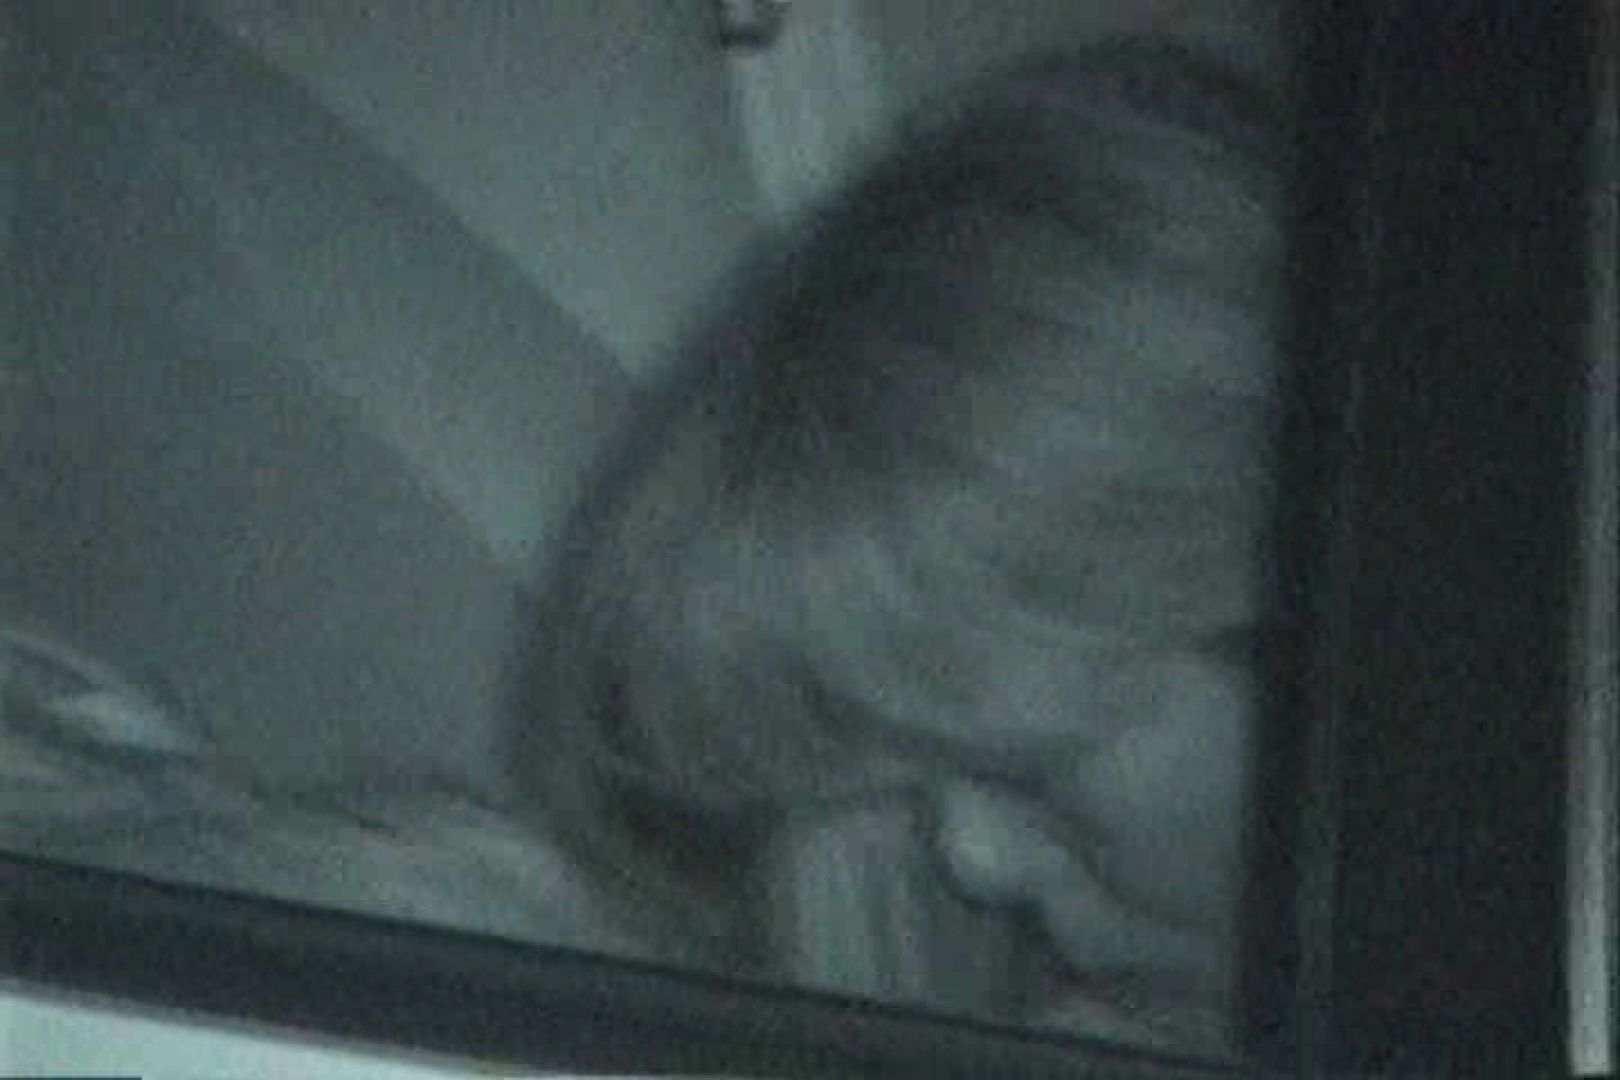 充血監督の深夜の運動会Vol.119 カップル盗撮   エロティックなOL  85画像 5